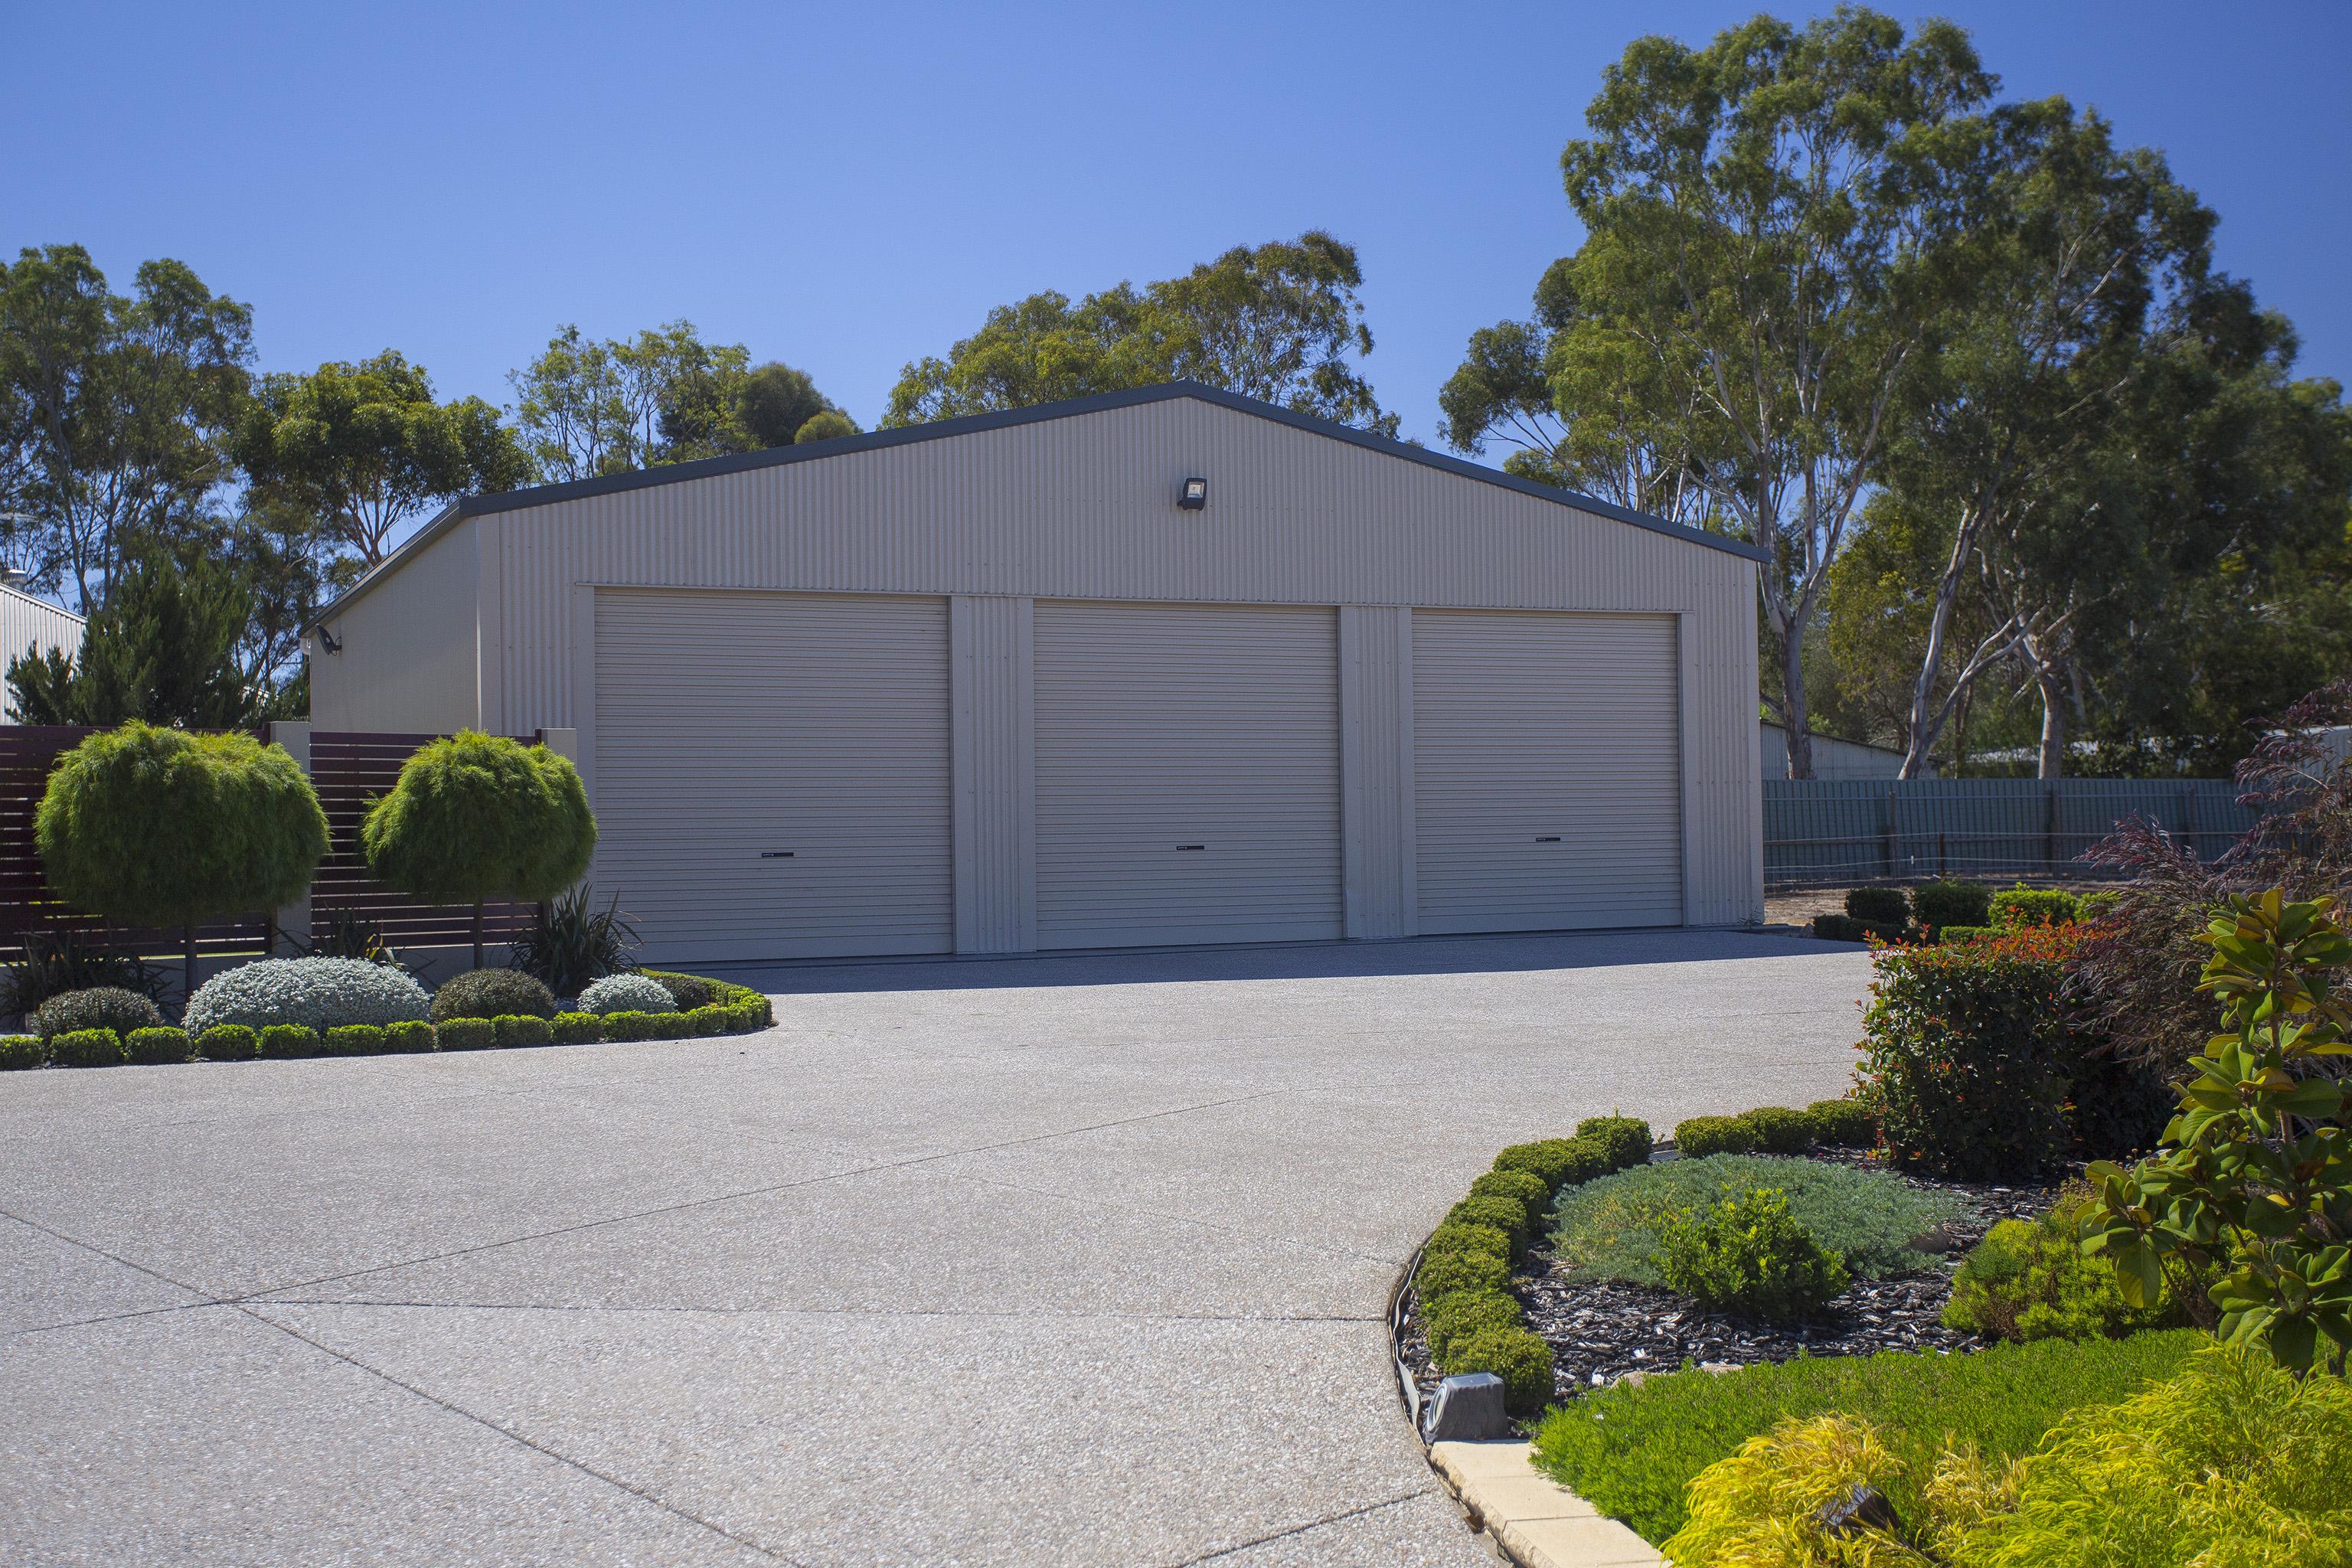 Bgi Building Group Building And Design South Australia